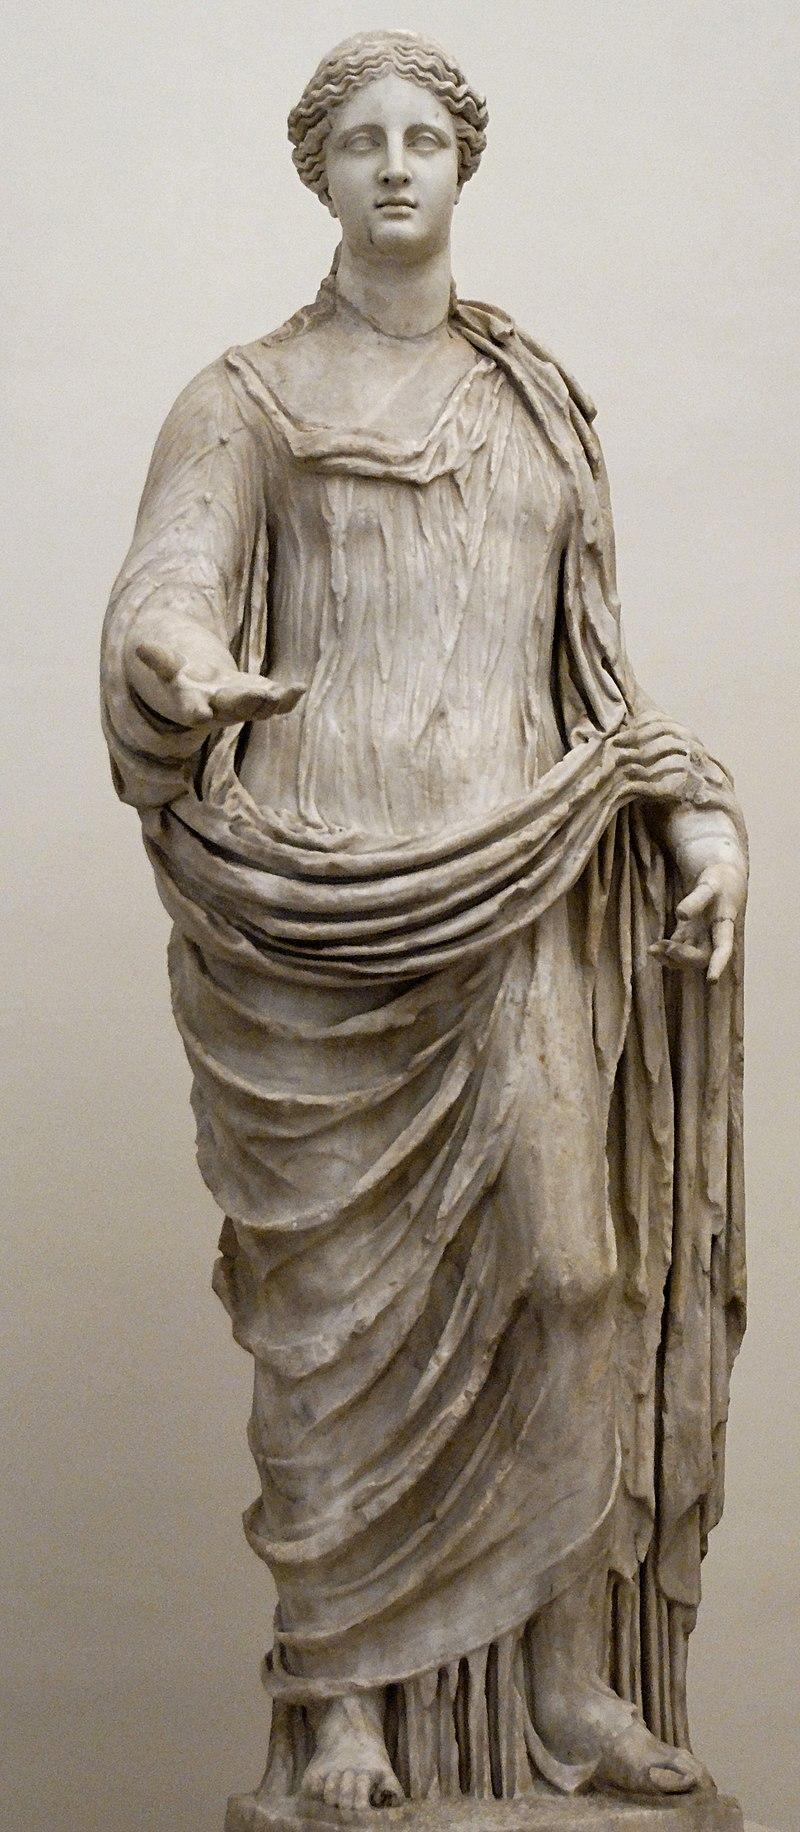 دِمِتِر (به یونانی: Δημήτηρ Dēmḗtēr)، ربالنوع در اساطیر یونانی، یکی از دوازده ایزد المپنشین و الههٔ حاصلخیزی زمین، حبوبات و نان است. فرزند کرونوس و رئا بود و از برادرش زئوس، صاحب دختری به نام پرسفونه شد.